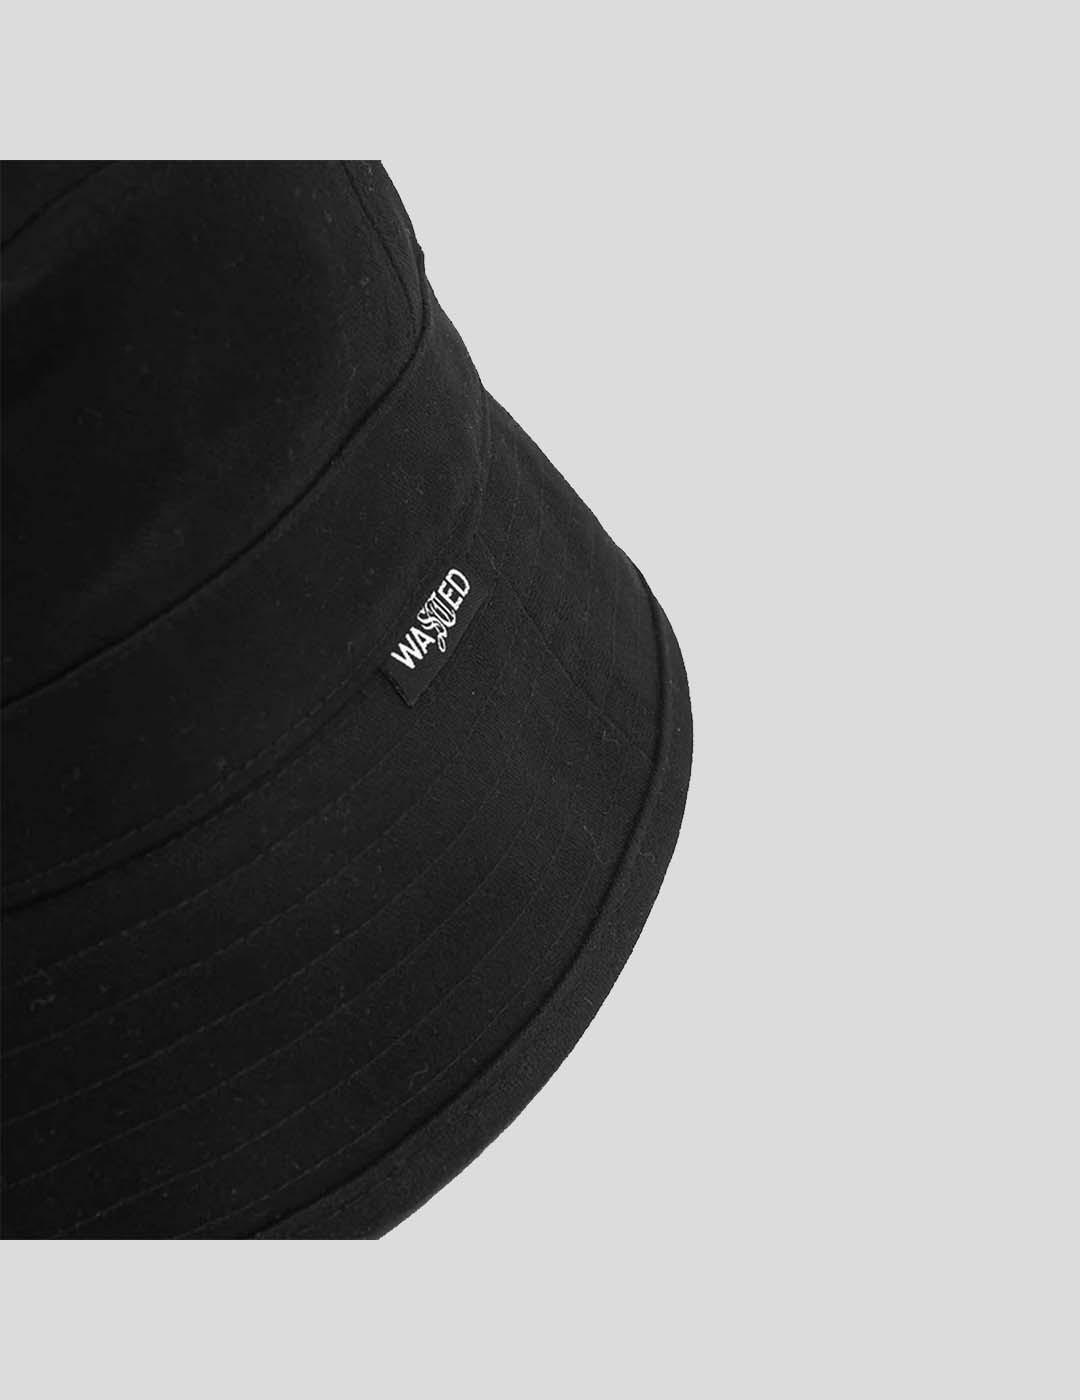 GORRA WASTED PARIS BUCKET HAT BLACK